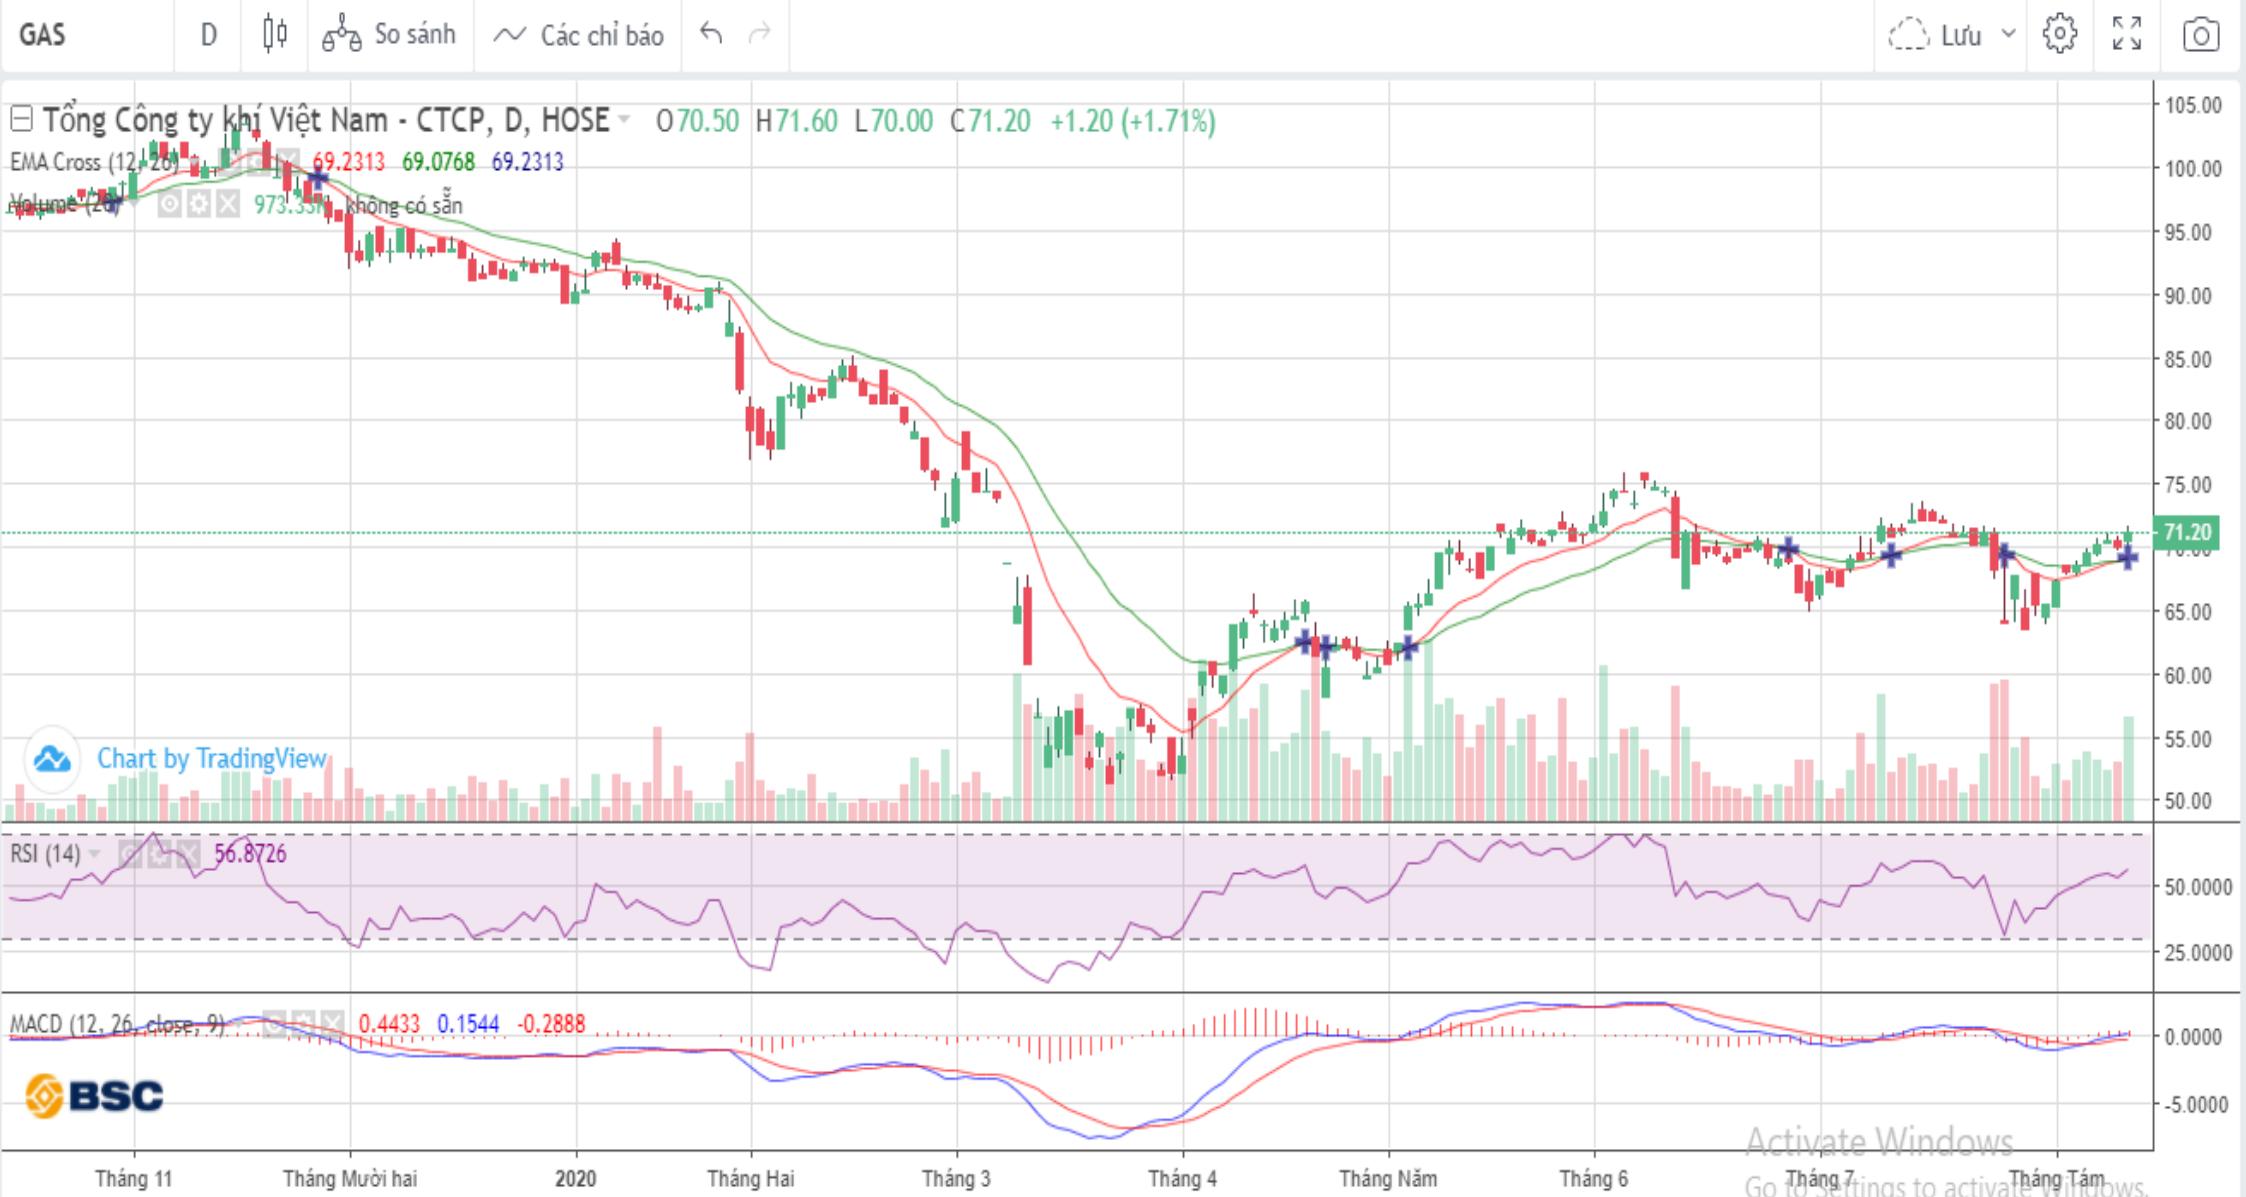 Cổ phiếu tâm điểm ngày 13/8: FPT, GAS, DPM - Ảnh 2.